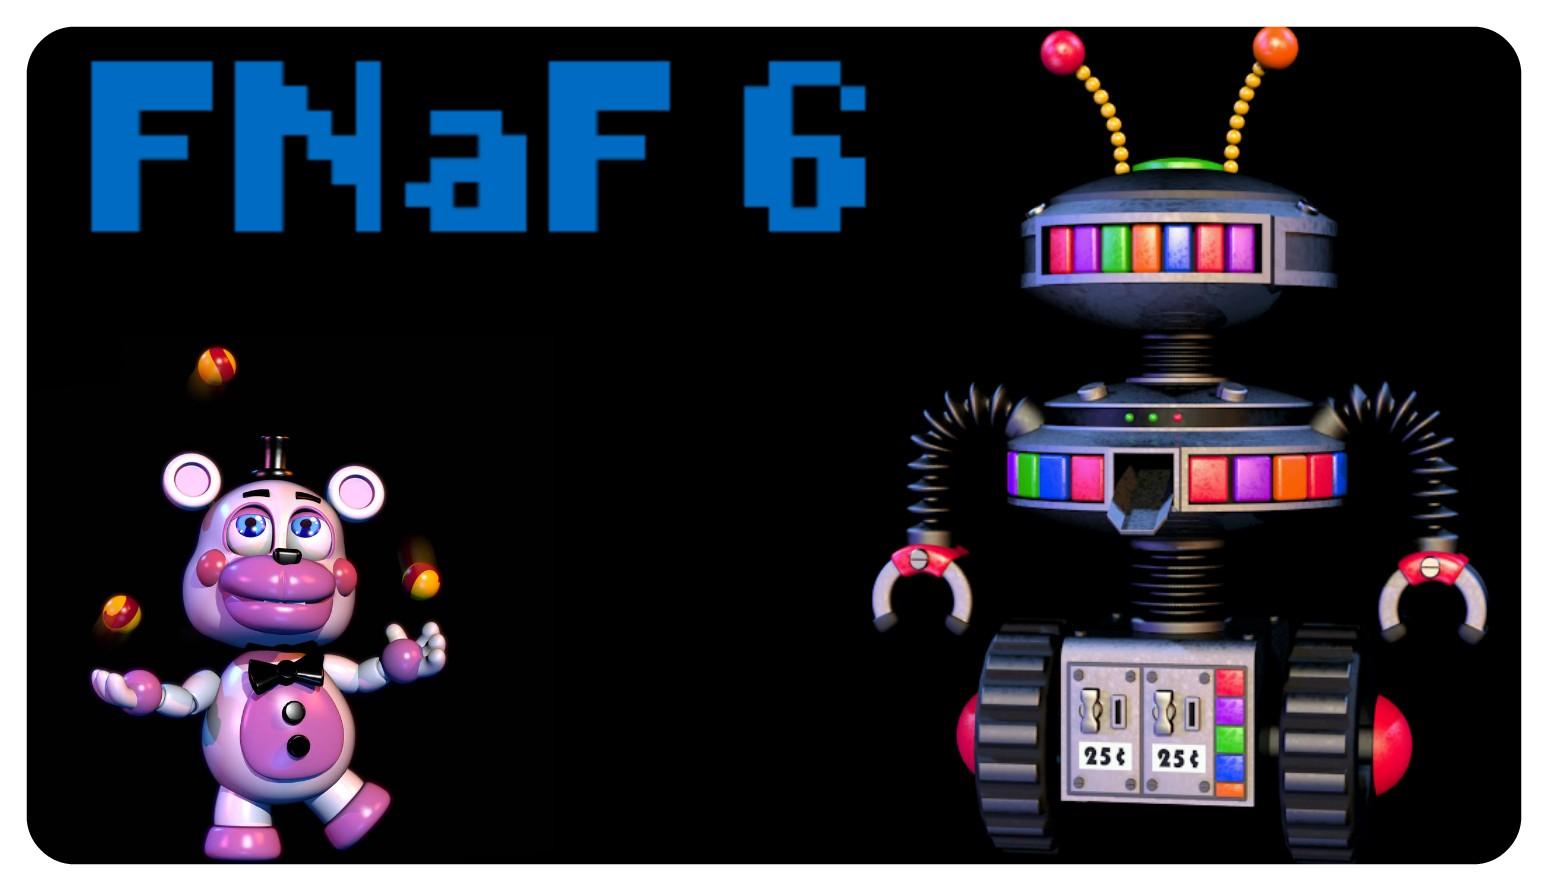 FNaF 6 Android by MrBoom1 - Game Jolt